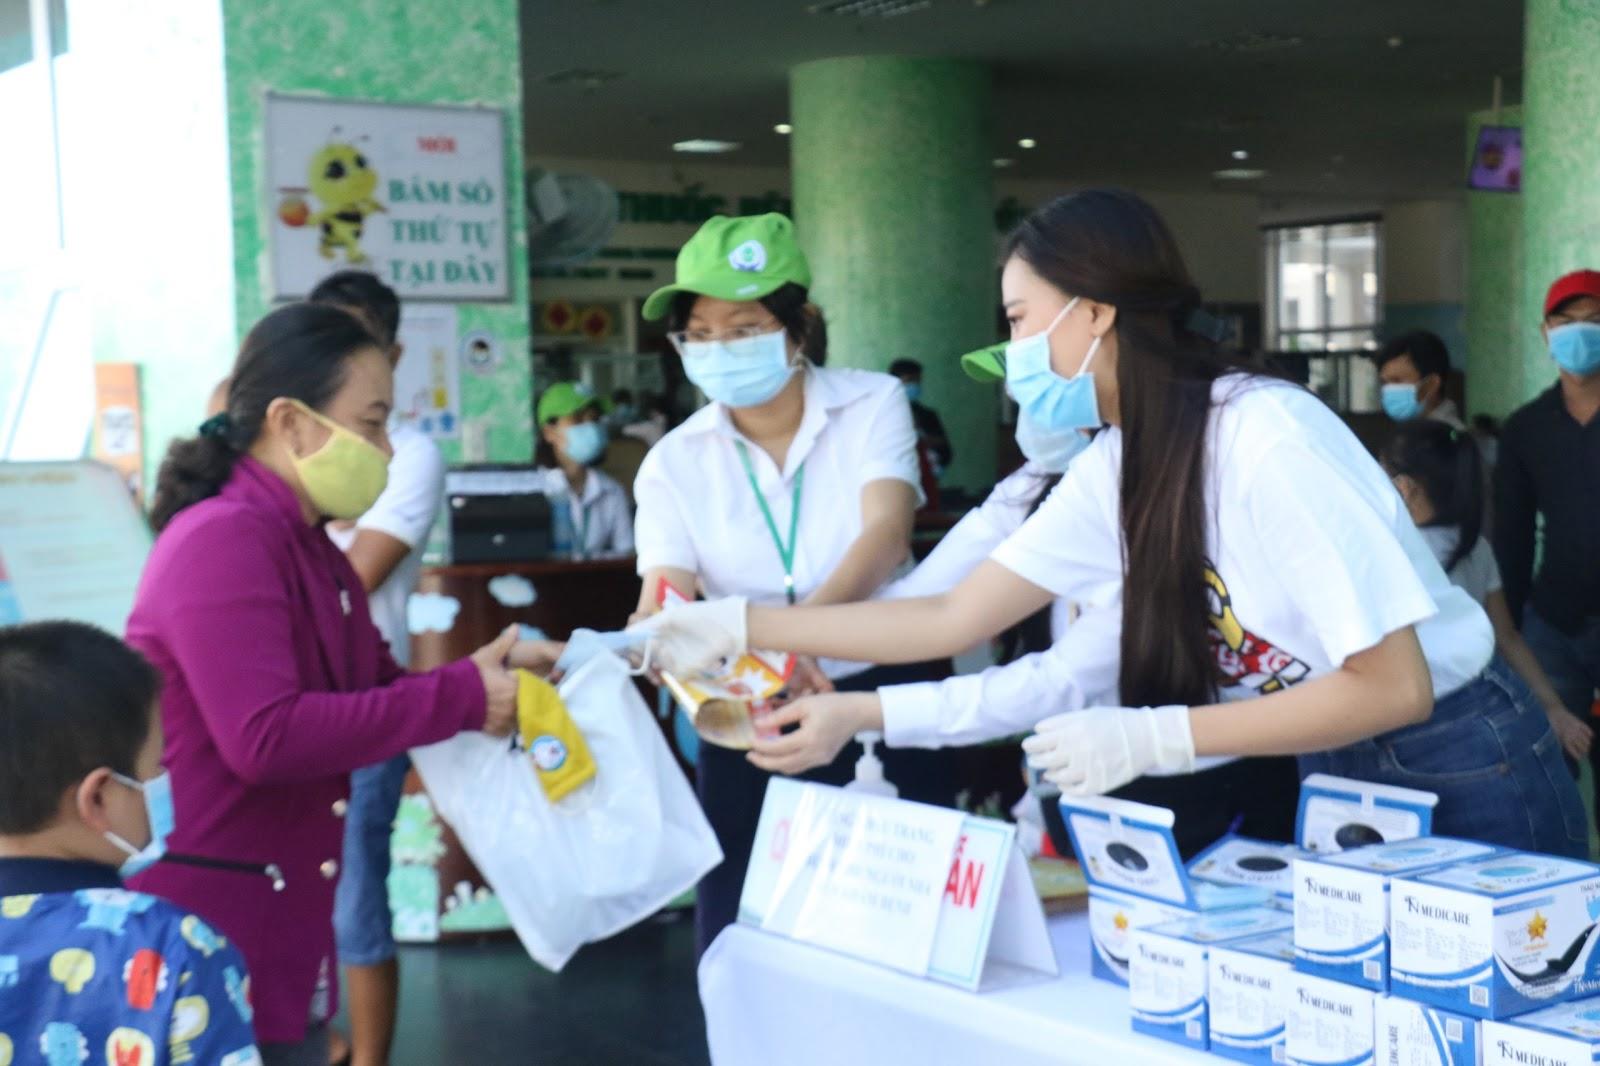 Sau giải cứu dưa hấu, Á hậu Kim Duyên đứng phát khẩu trang y tế tại bệnh viện Cần Thơ - Hình 3